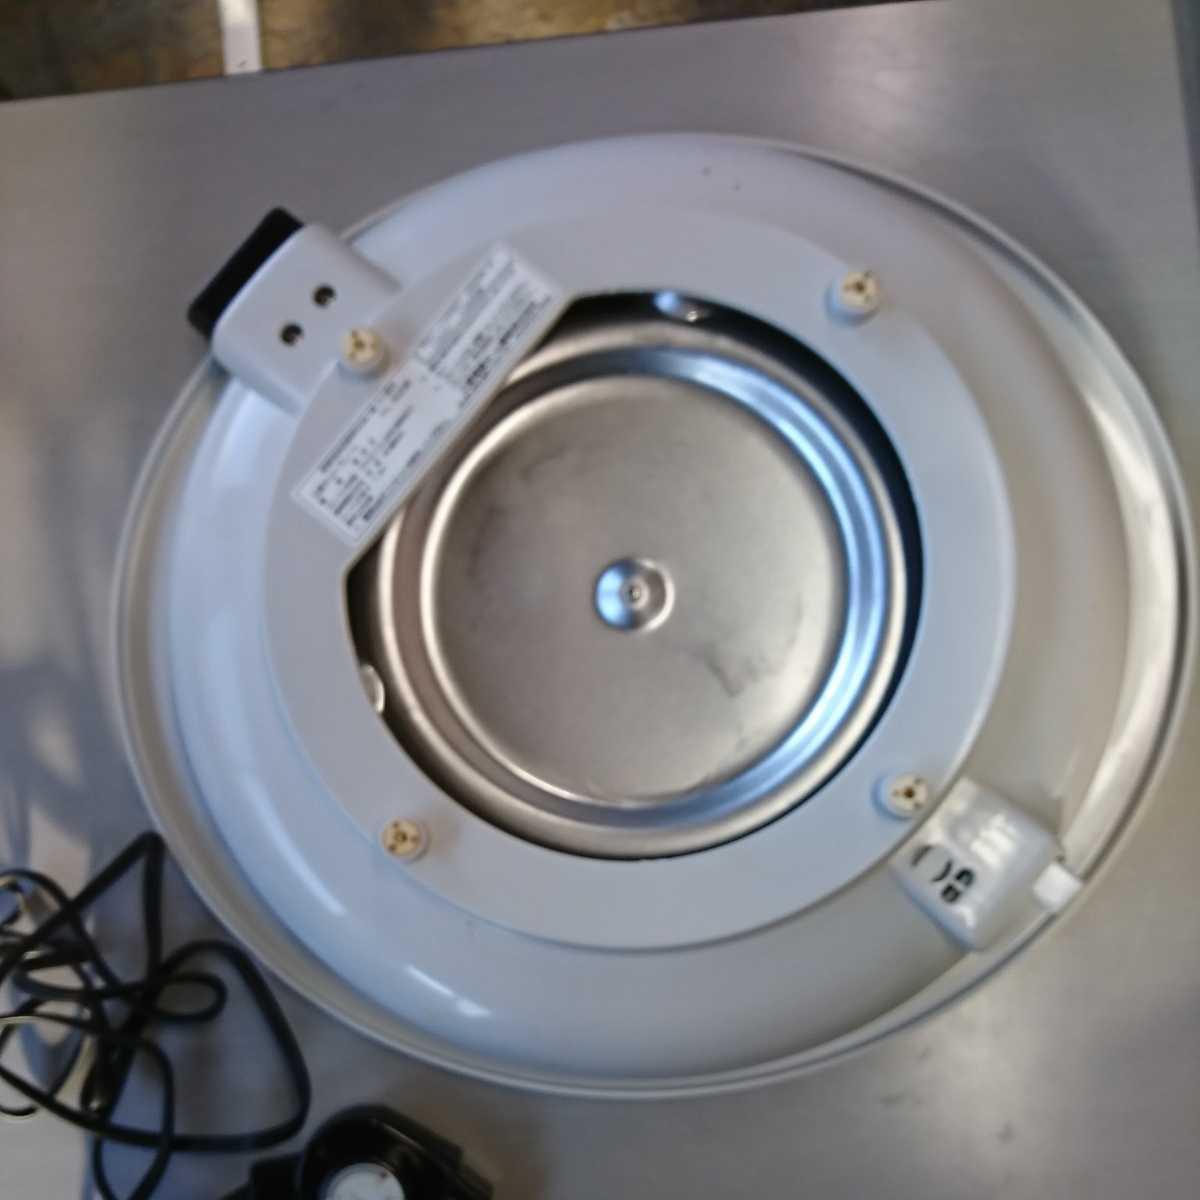 家電3】MITSUBISHI 三菱 ホットプレート HL-B20 EG ユーログレー グレー 調理器具 【通電確認済】お好み焼き 焼肉 焼物 焼そば_画像6